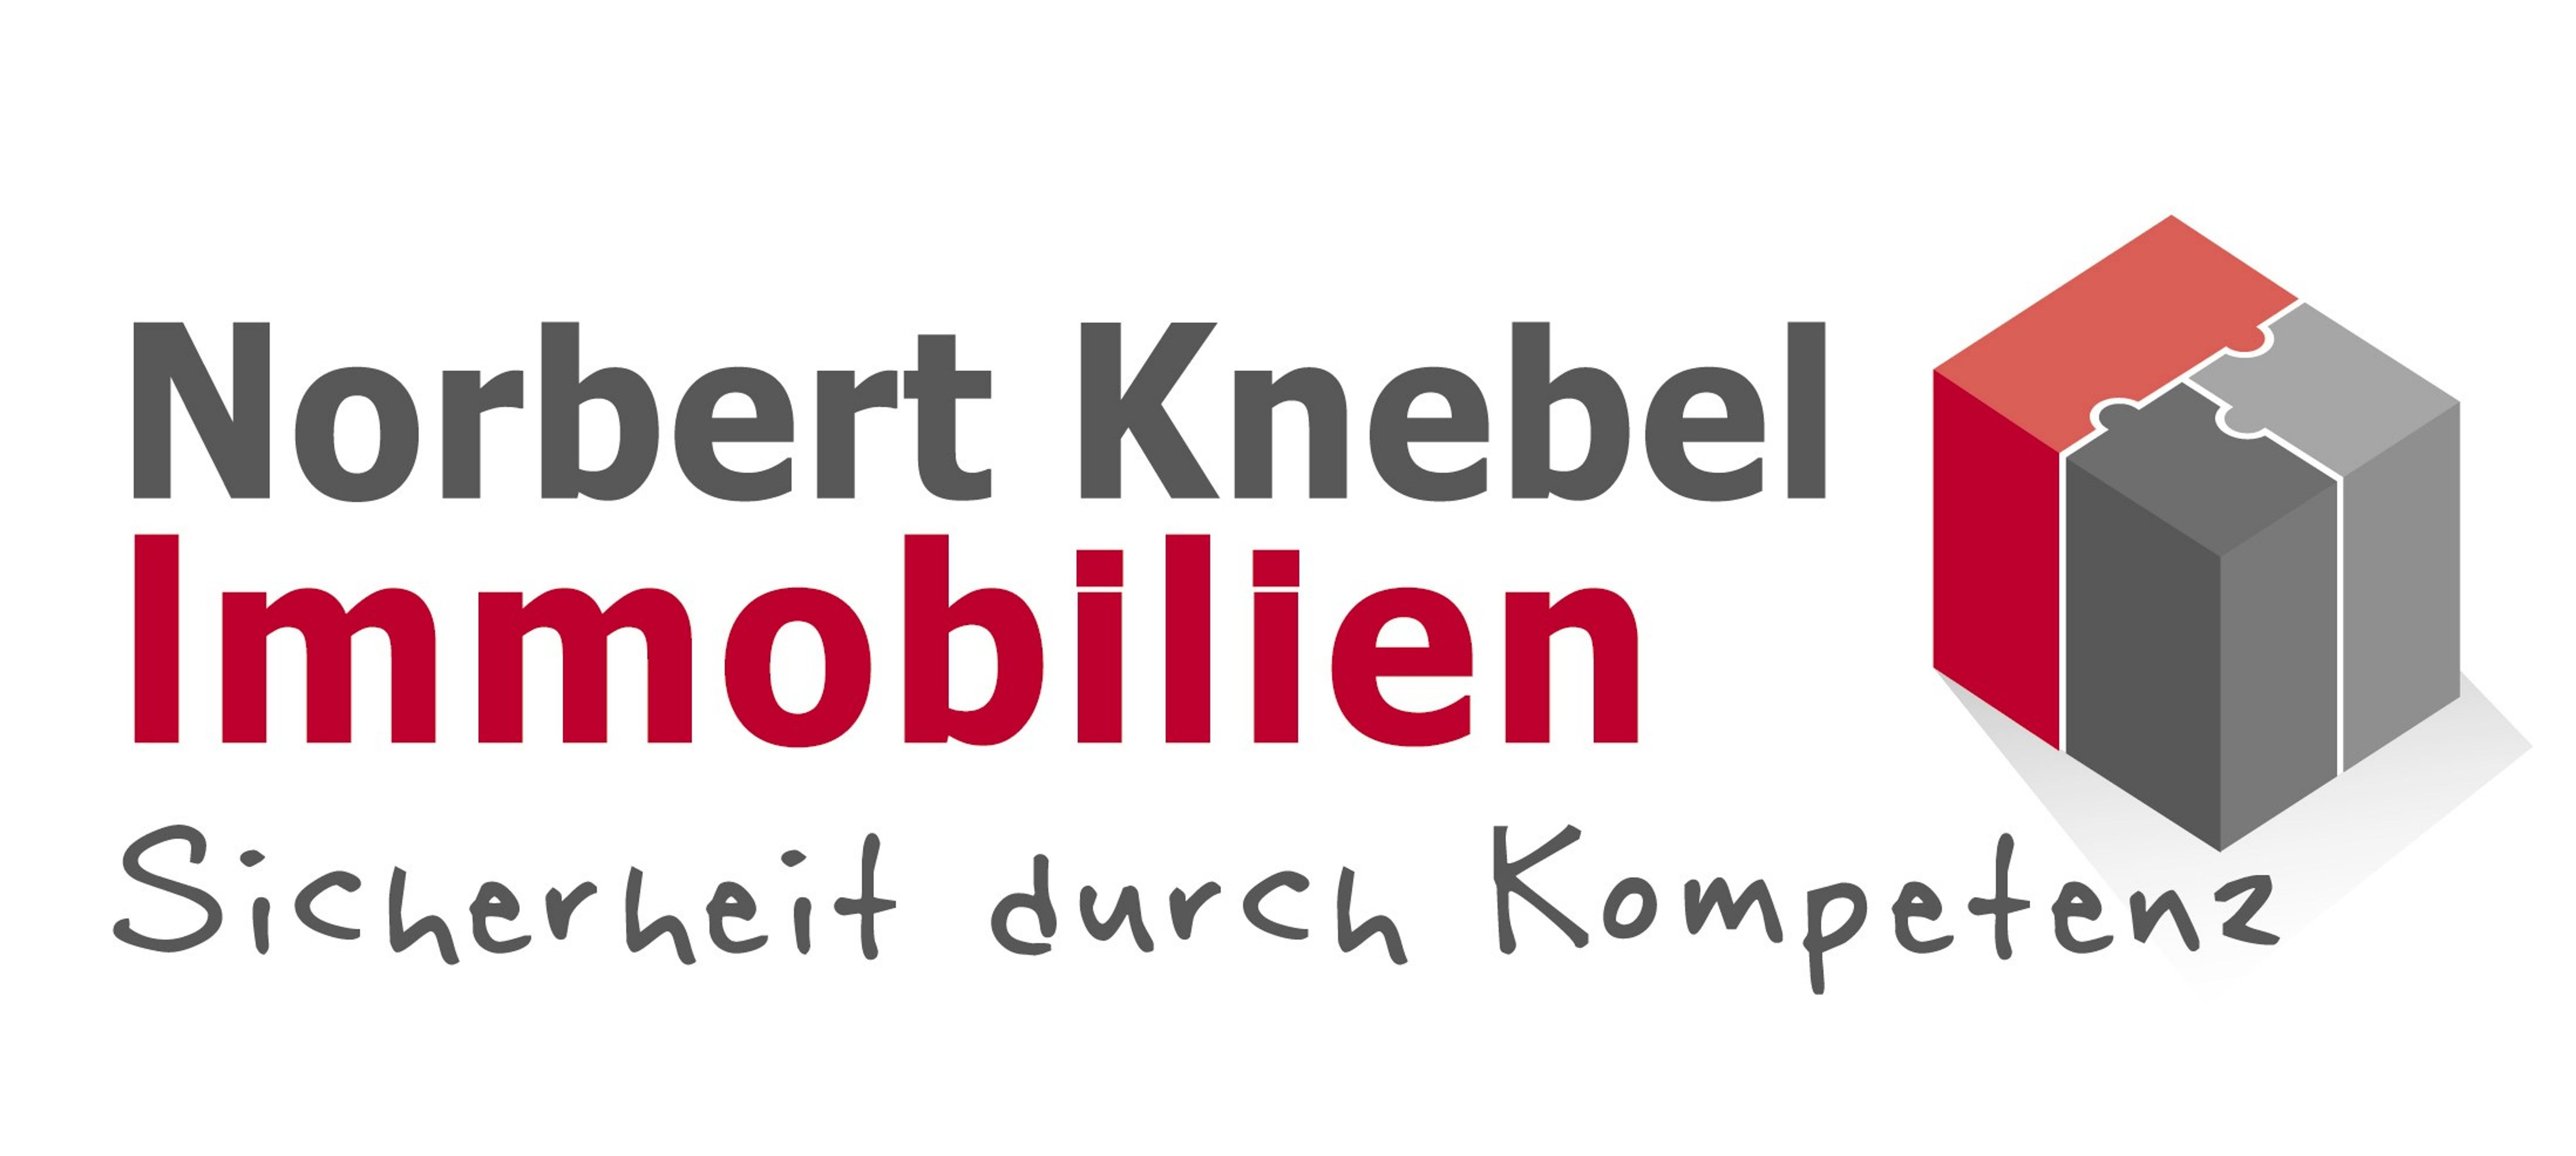 Hier sehen Sie das Logo von Norbert Knebel Immobilien